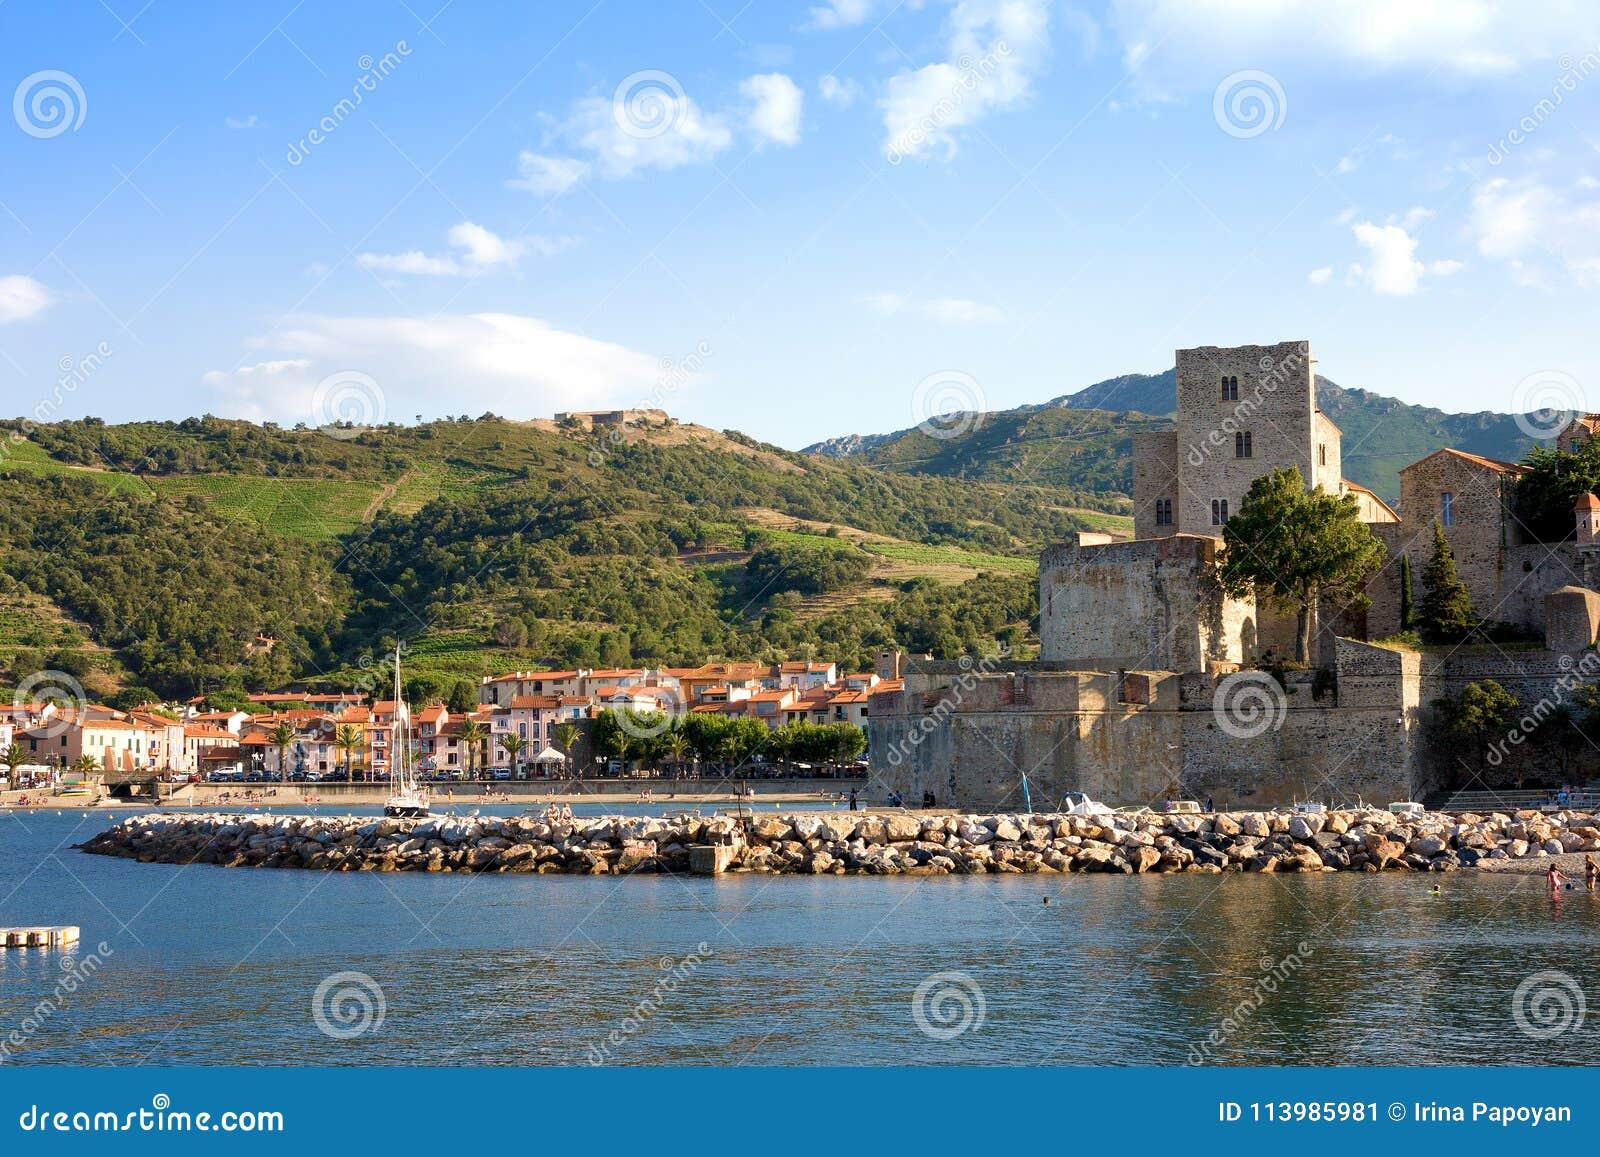 Ansicht über Chateau Royal de Collioure im kleinen Dorf von Colliure, südlich von Frankreich